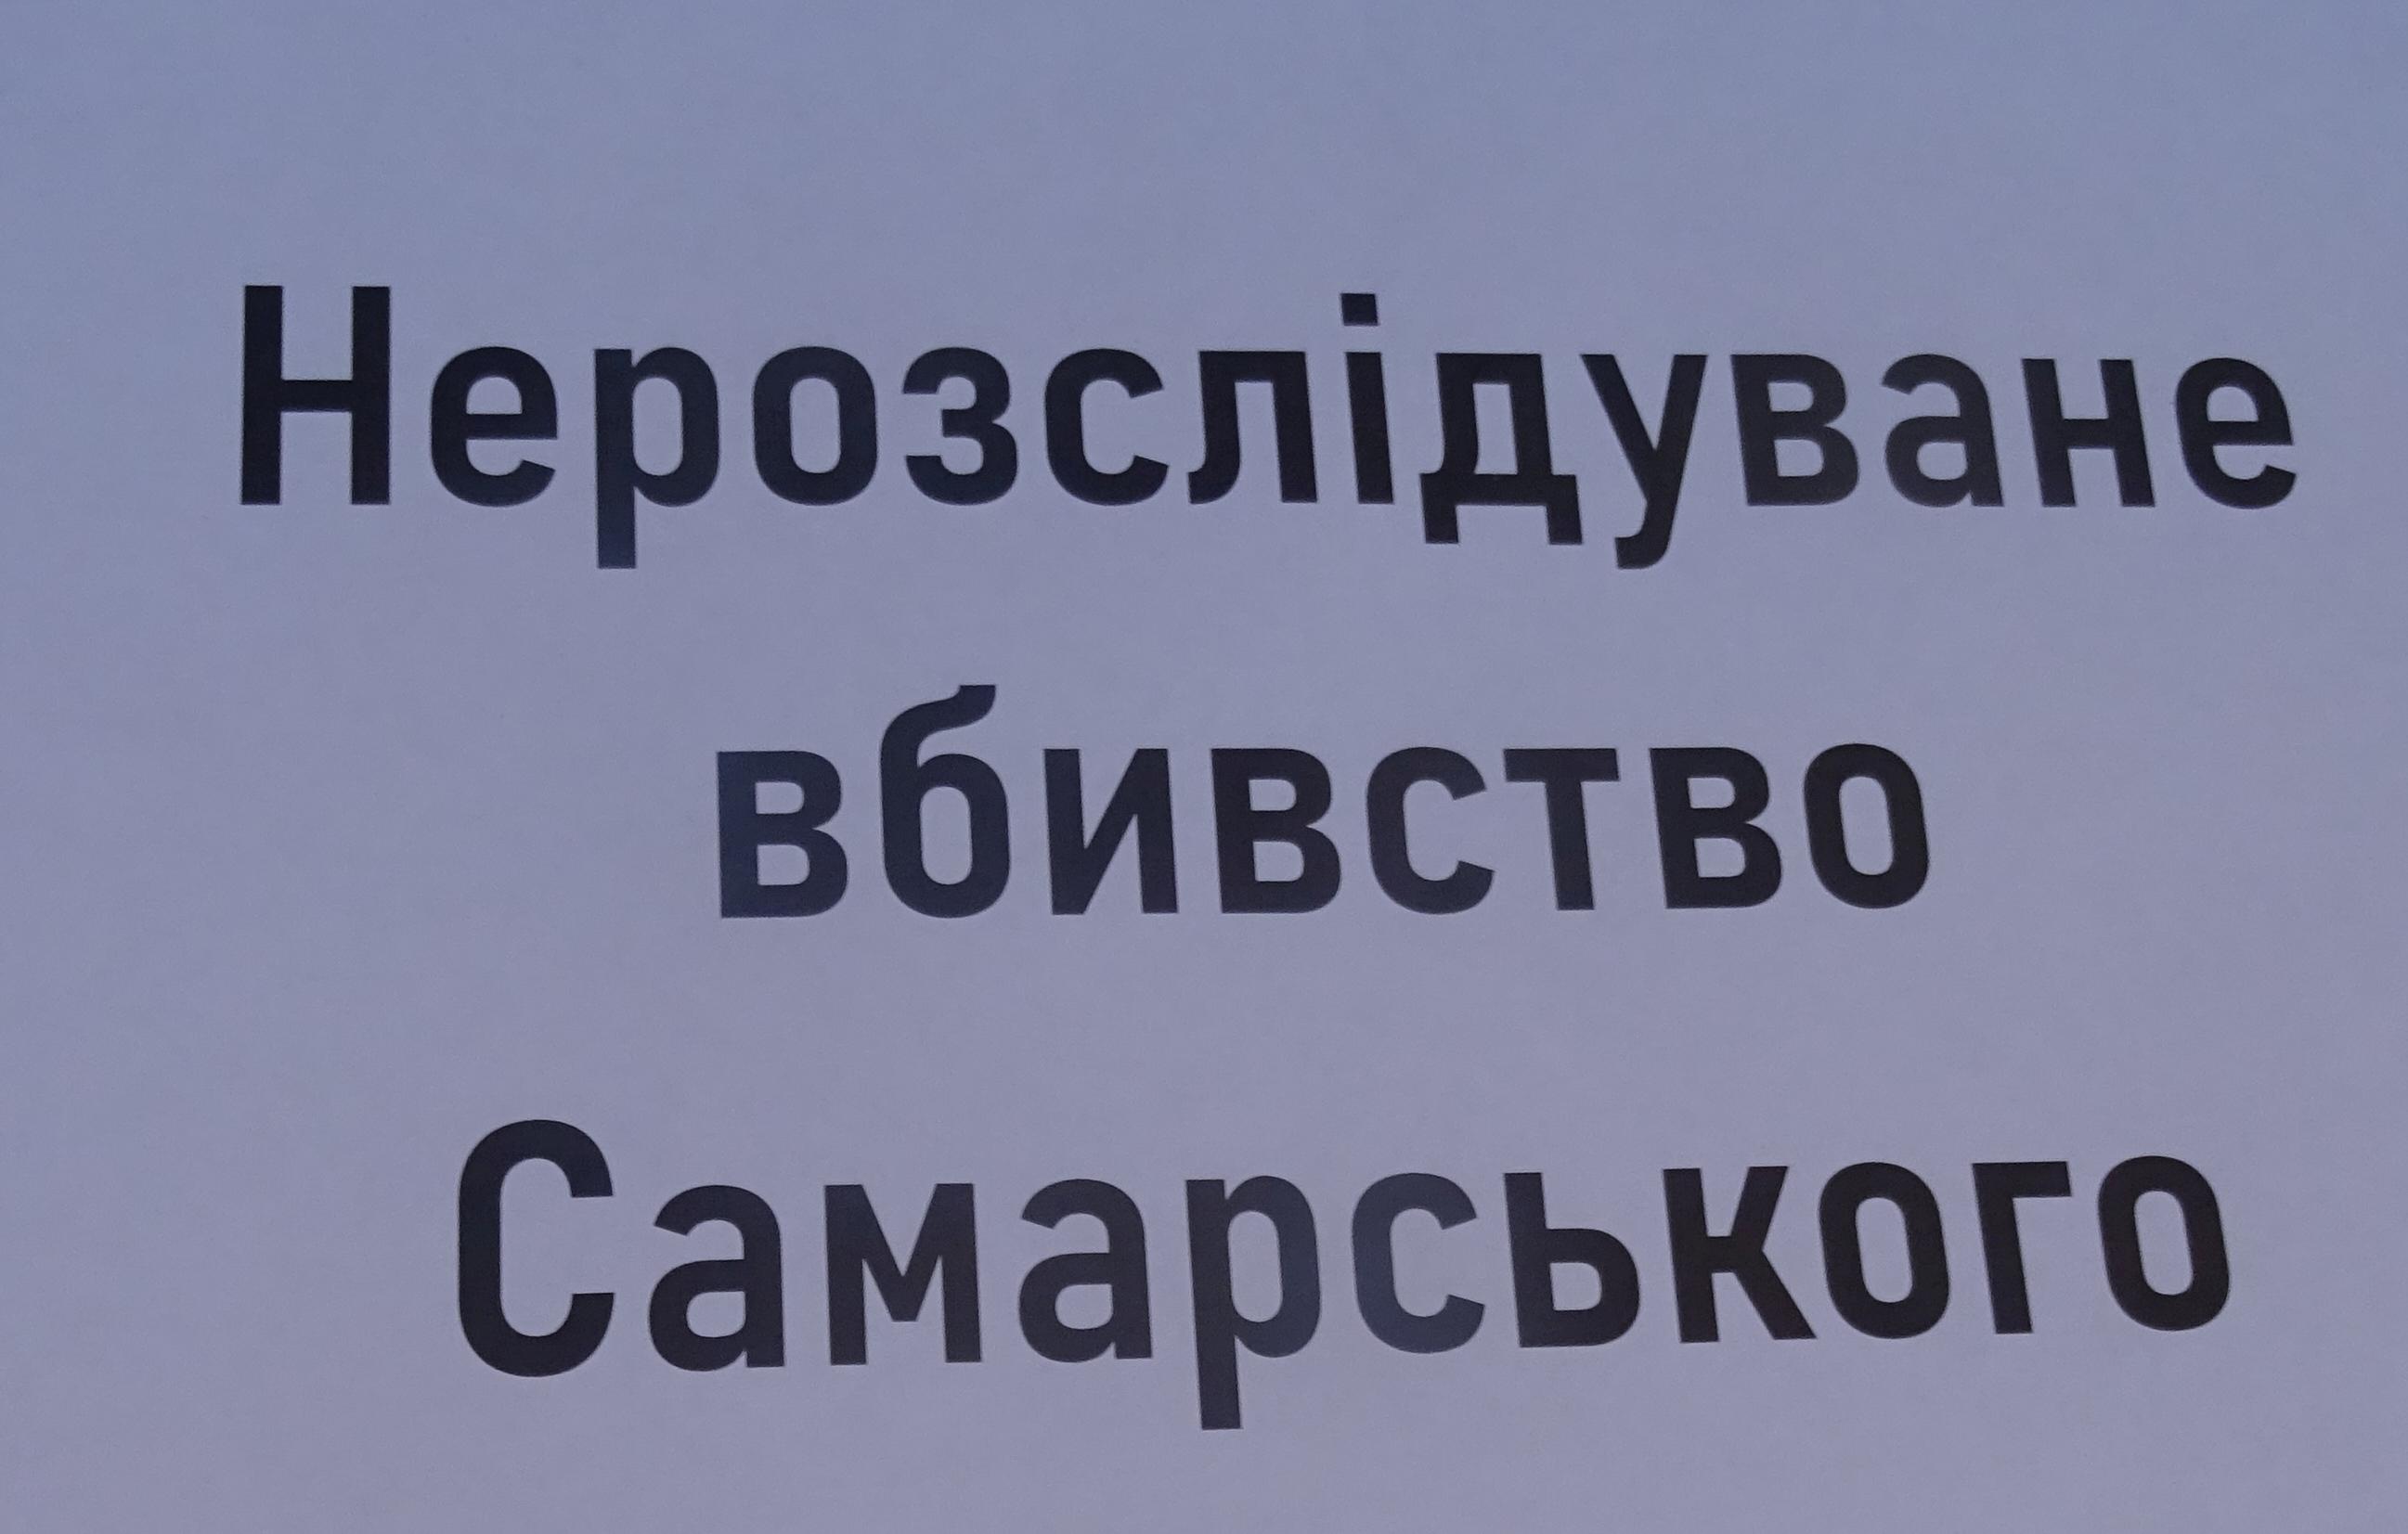 Avakov-Chort-Devil - Avakov-Chort-Devil-image024.jpg